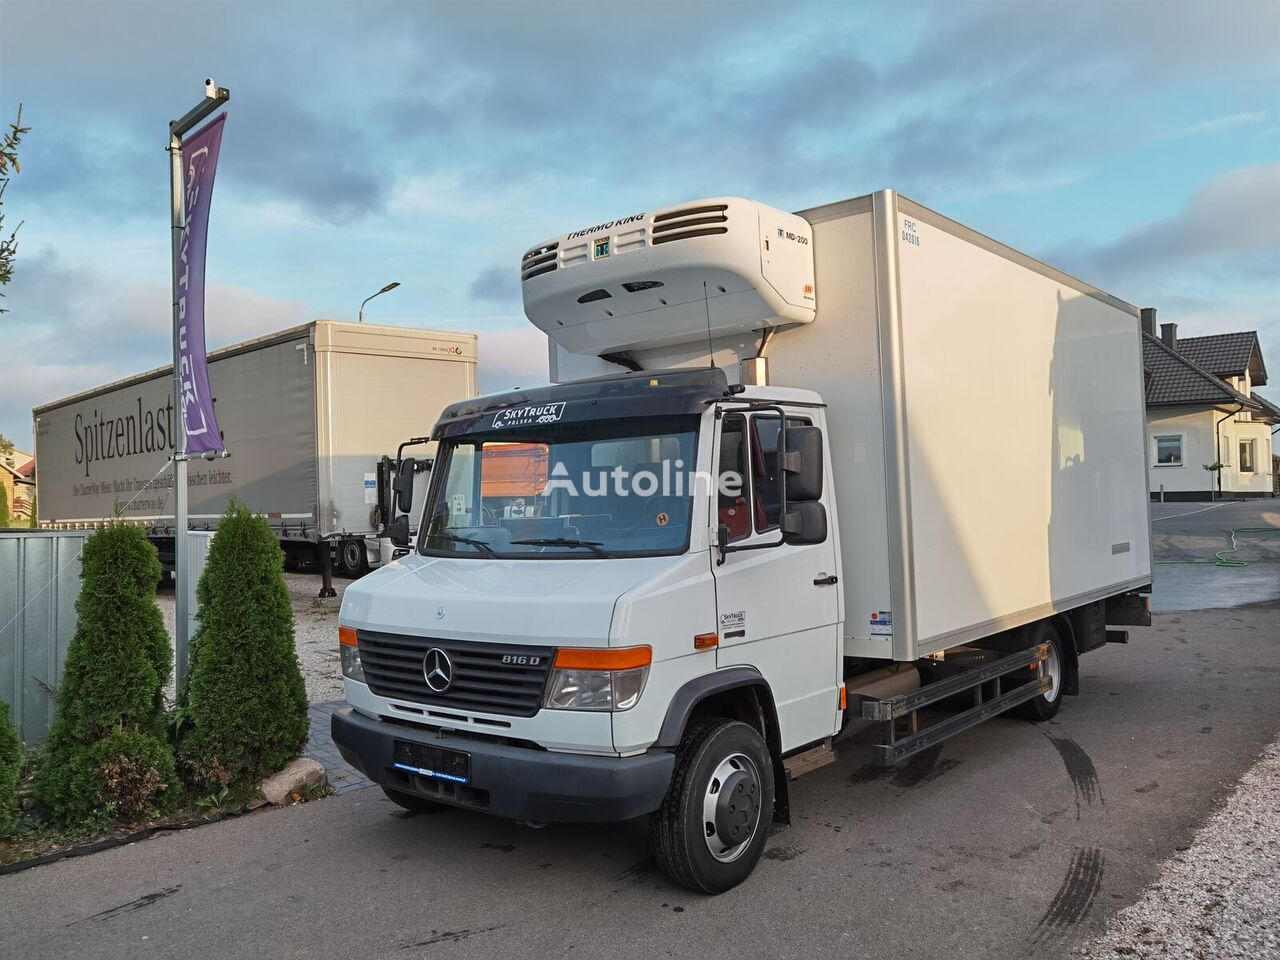 MERCEDES-BENZ Vario 816 D camión frigorífico